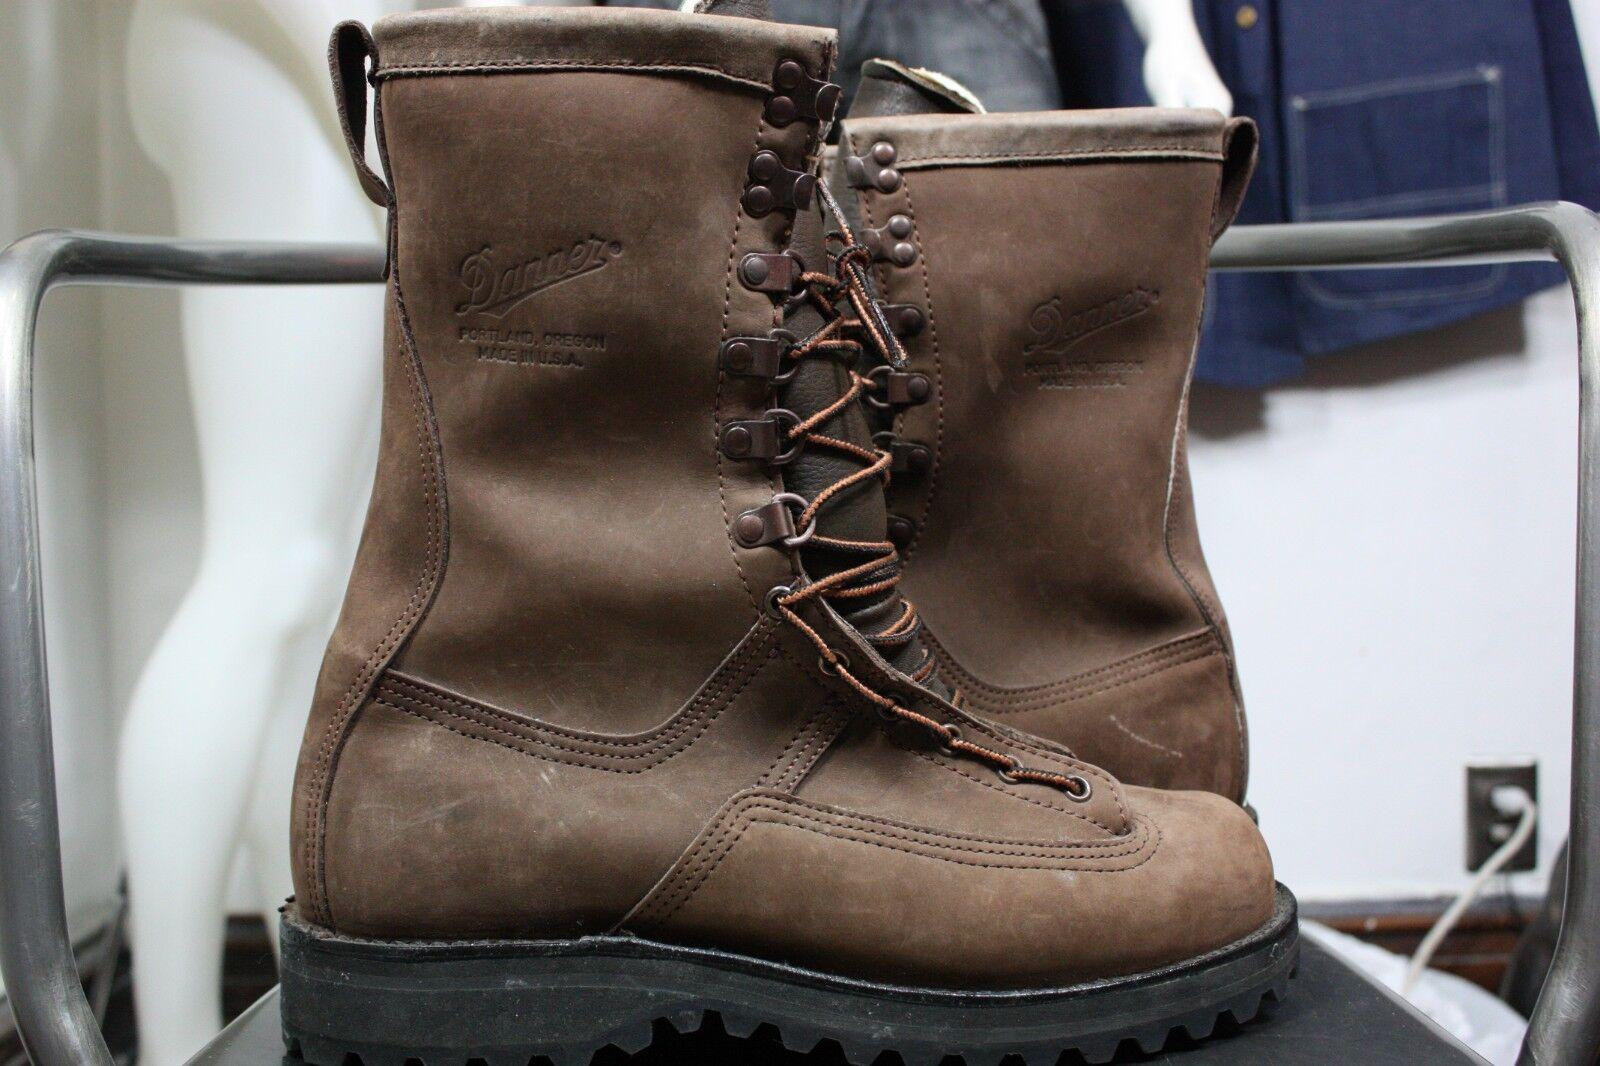 Stiefel Kanadische Isoliert 27 Goretex Leder 9 4ms Danner 1JKFcl